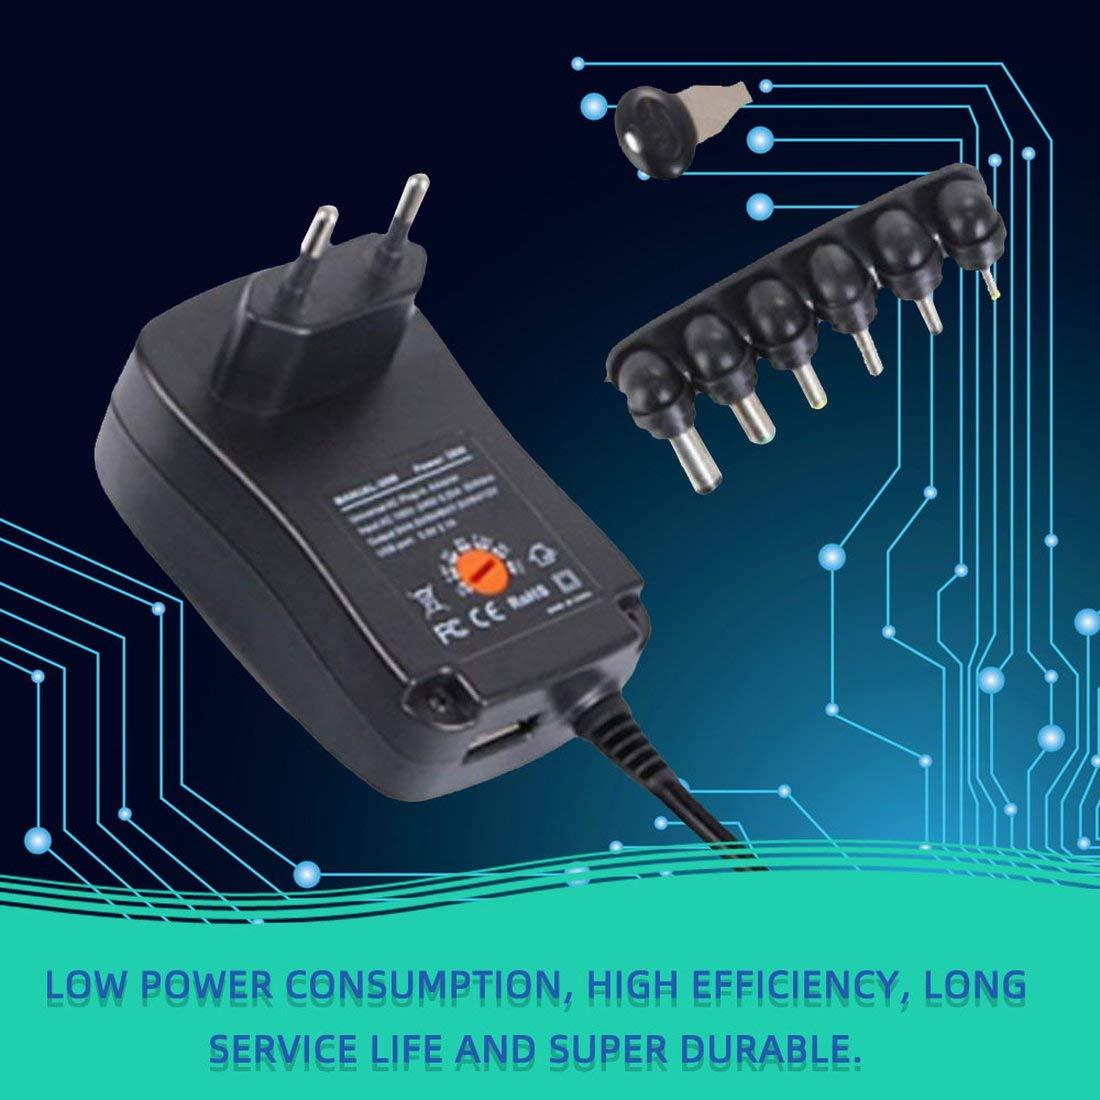 4.5V 6V 9V 12V 1.5A Ajustable vbncvbfghfgh VBNC Fuente de alimentaci/ón 30W Adaptador Universal AC//DC 3V 7.5V